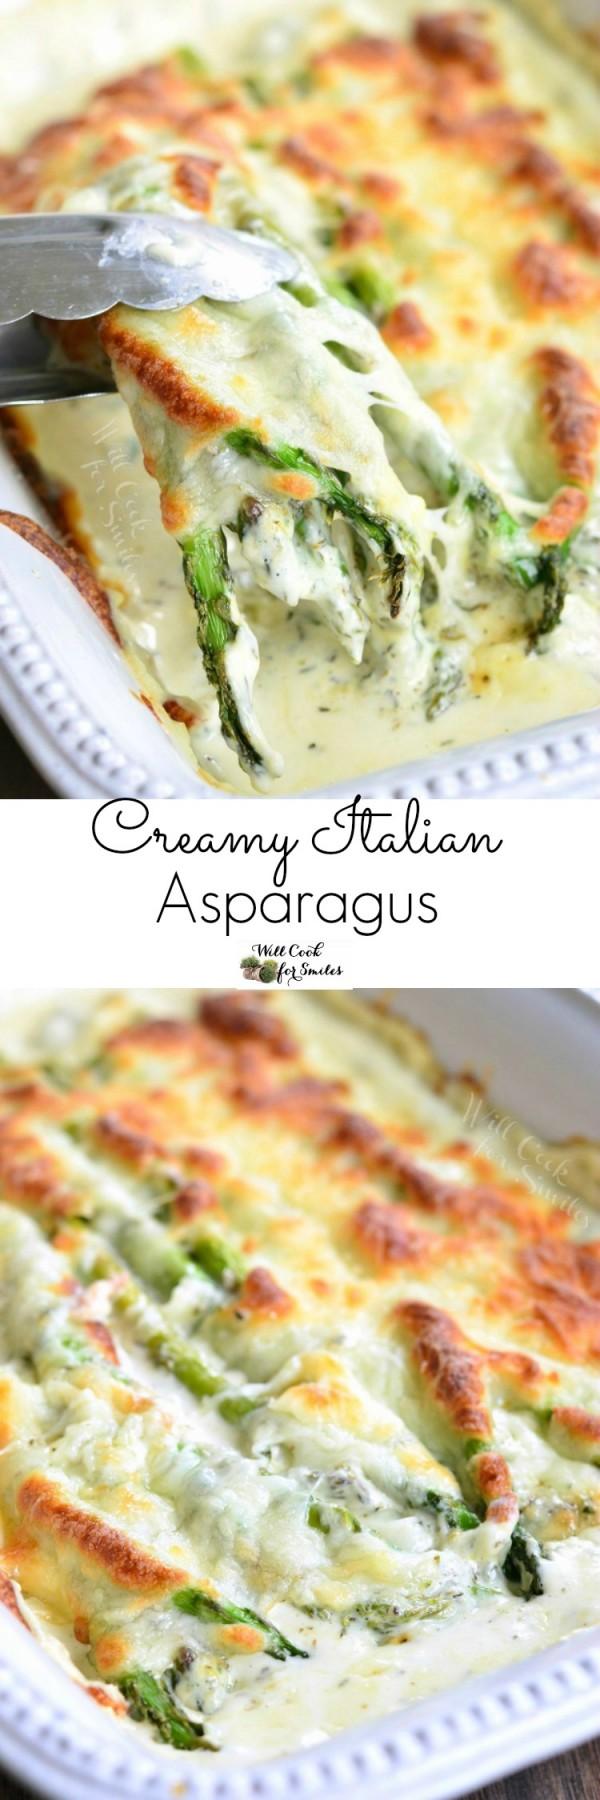 Get the recipe Creamy Italian Asparagus @recipes_to_go